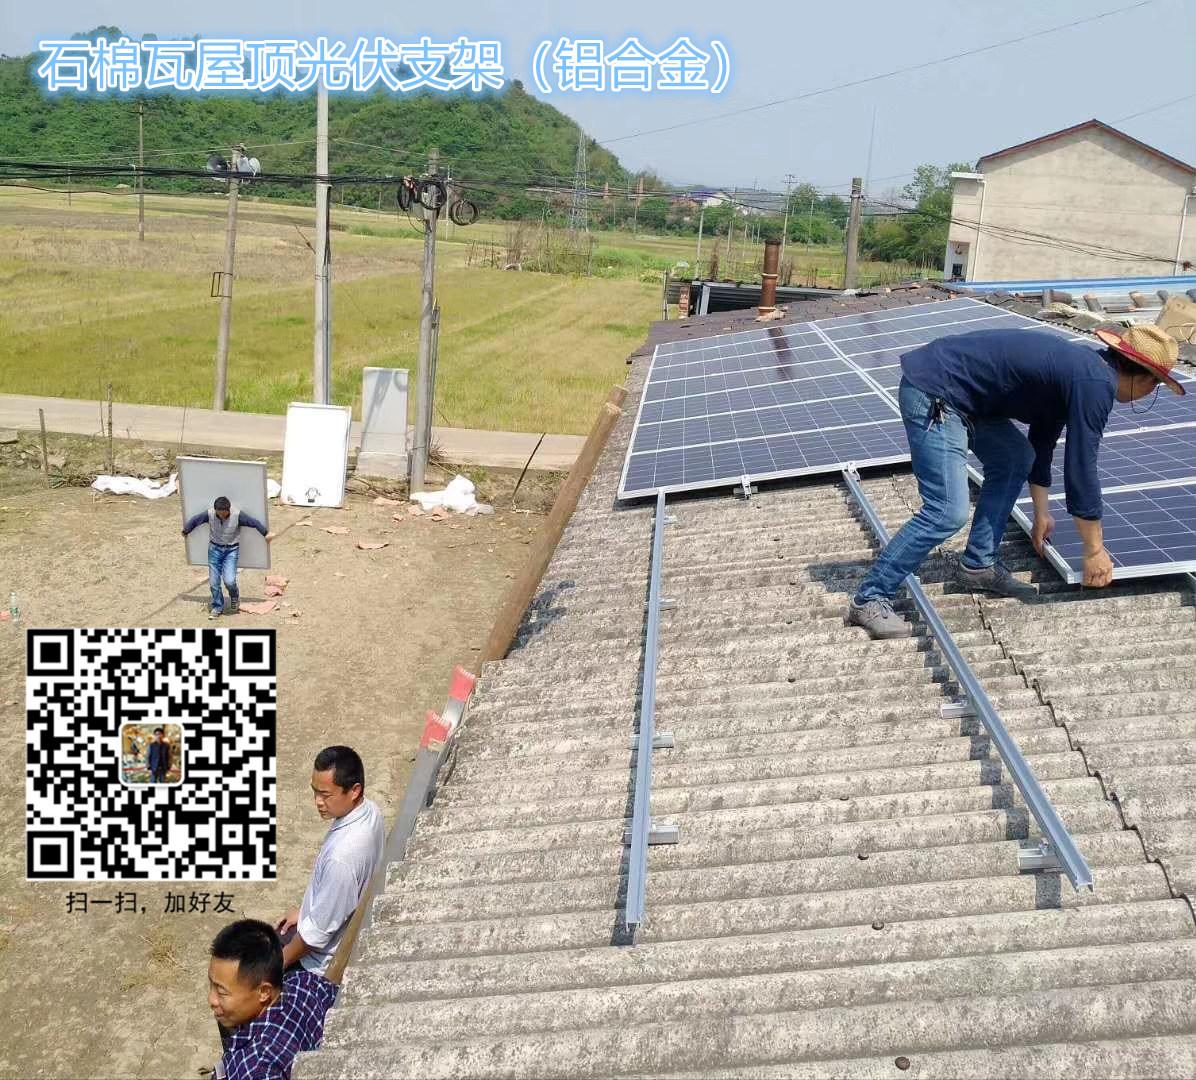 石棉瓦屋顶光伏电站用铝合金光伏支架